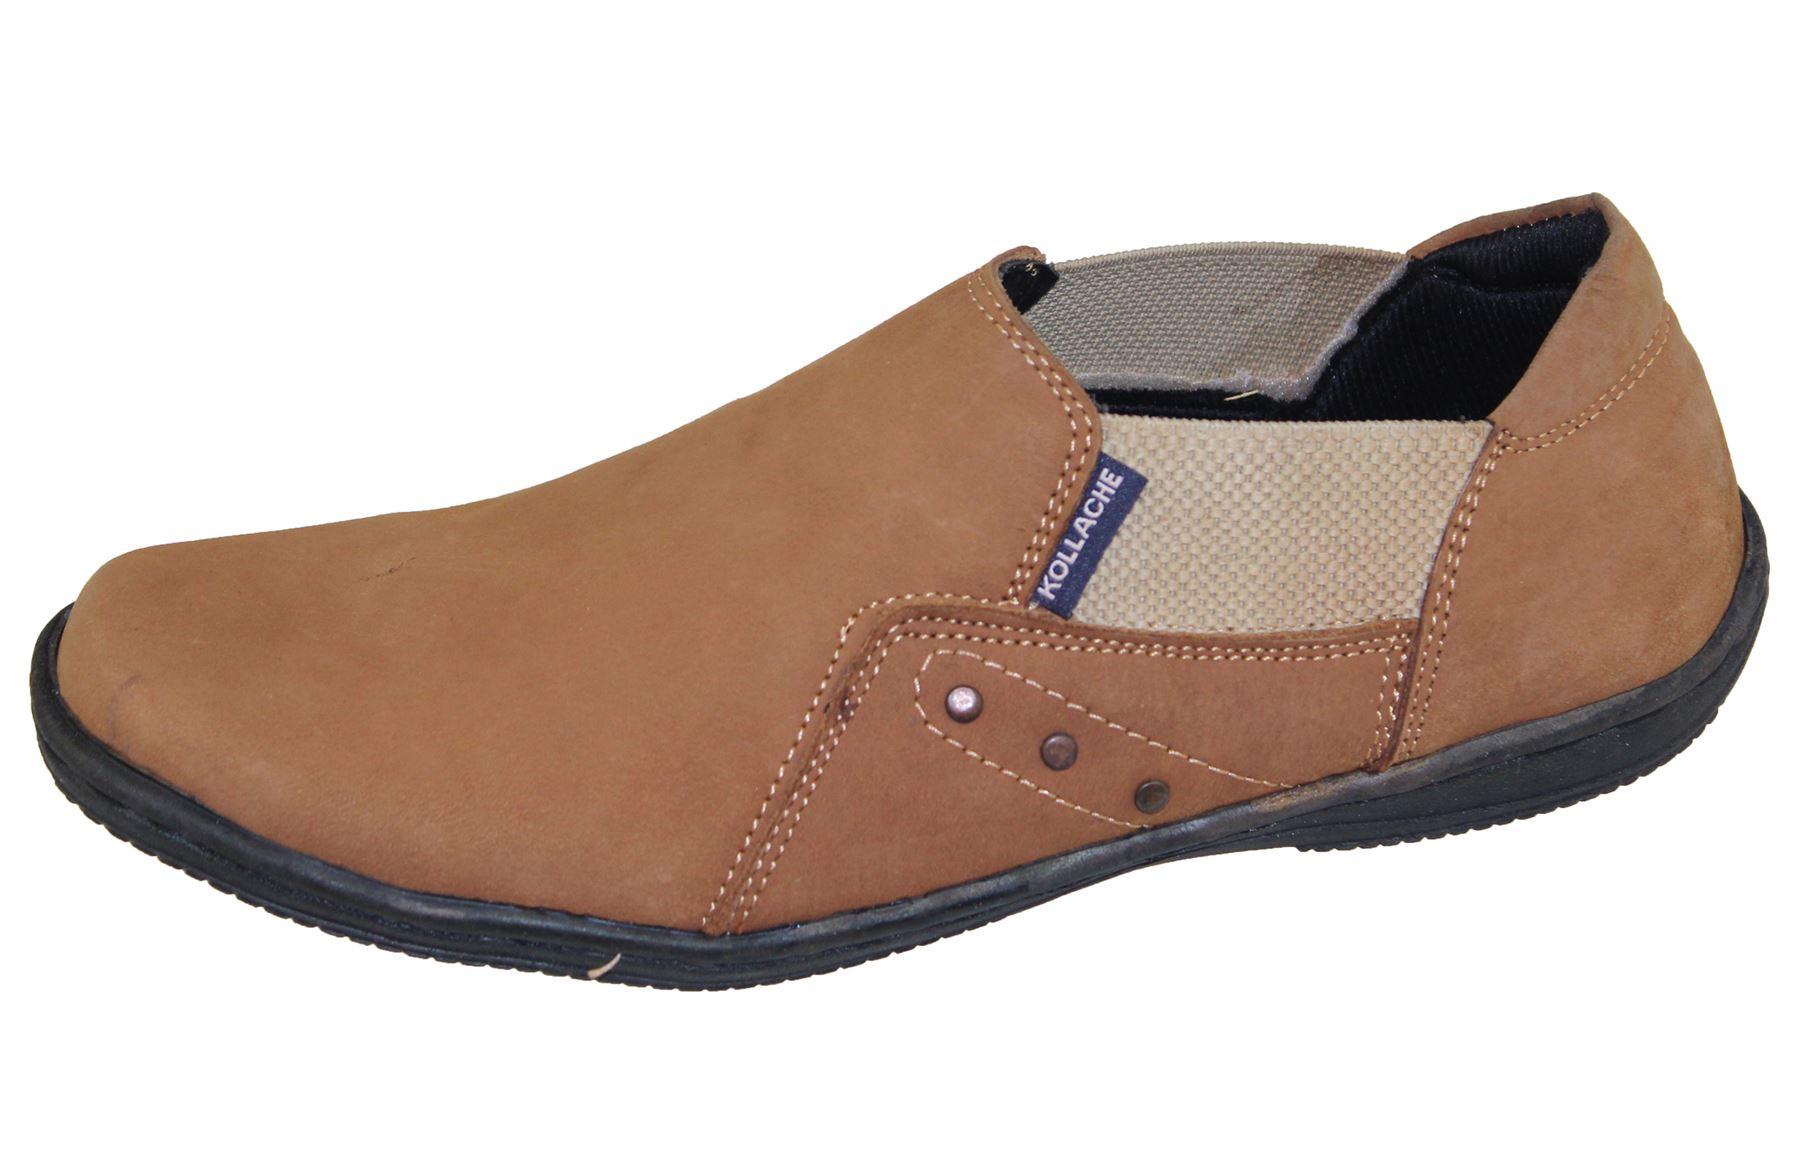 Hommes à Enfiler Marche Bateau Pont Mocassin Confort Conduite Casual Chaussures